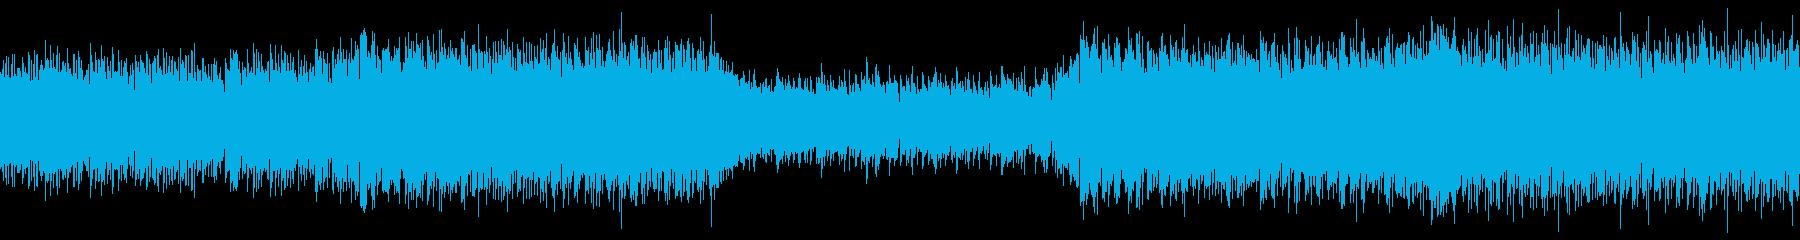 夏のイベントにわくわく・トロピカルハウスの再生済みの波形